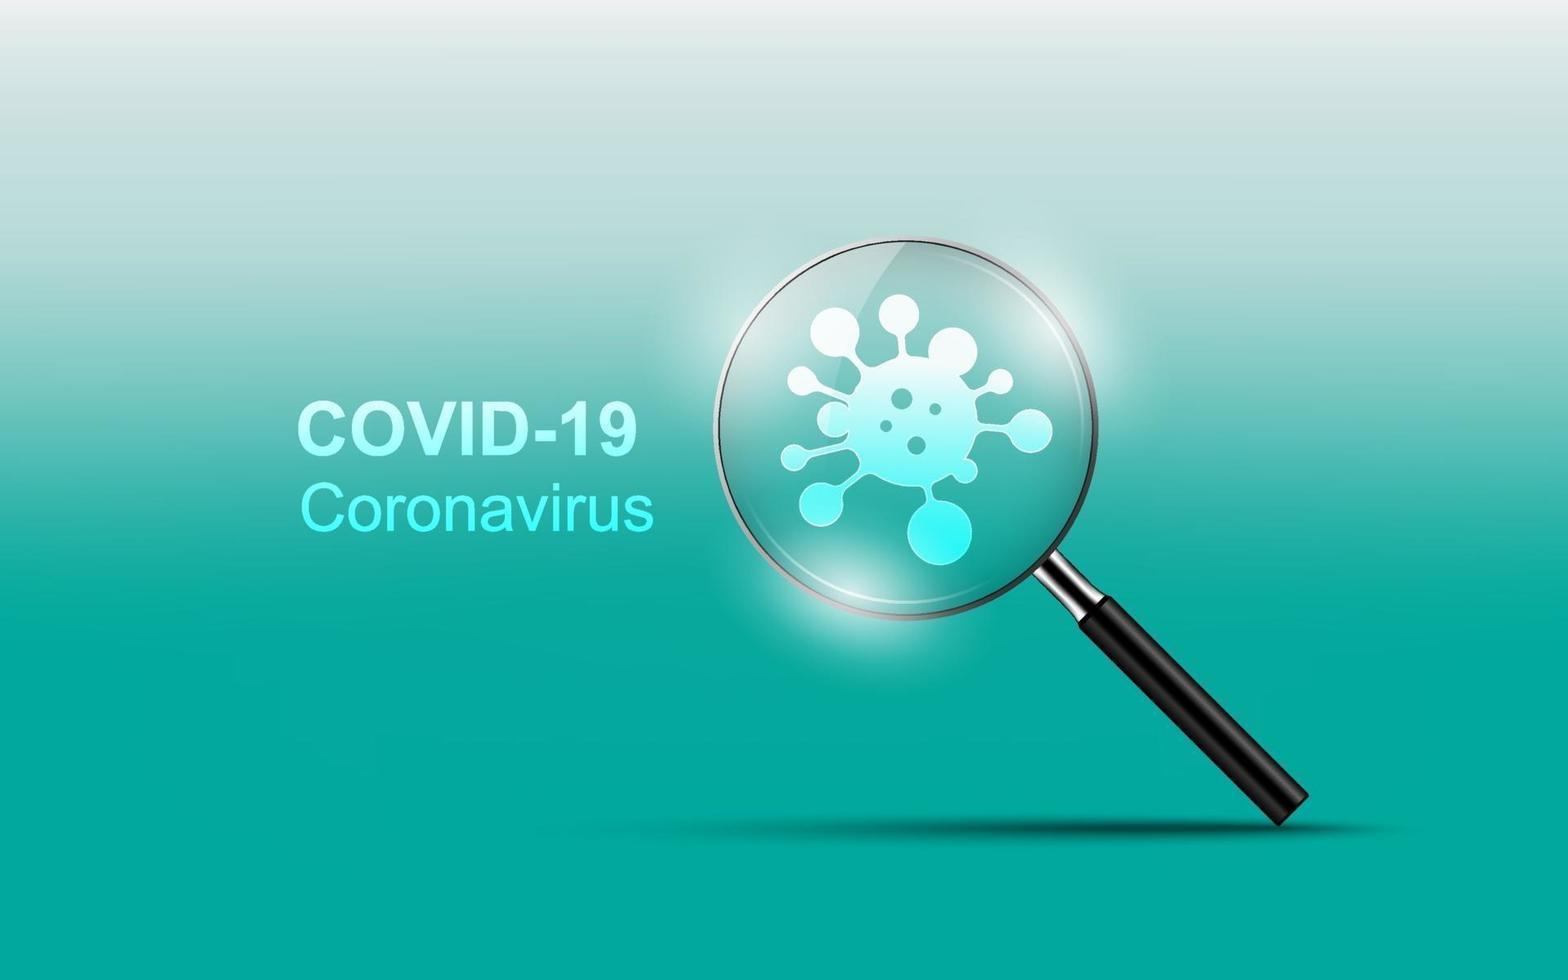 coronavirus ziekte covid-19 infectie medisch met vergrootglas vector